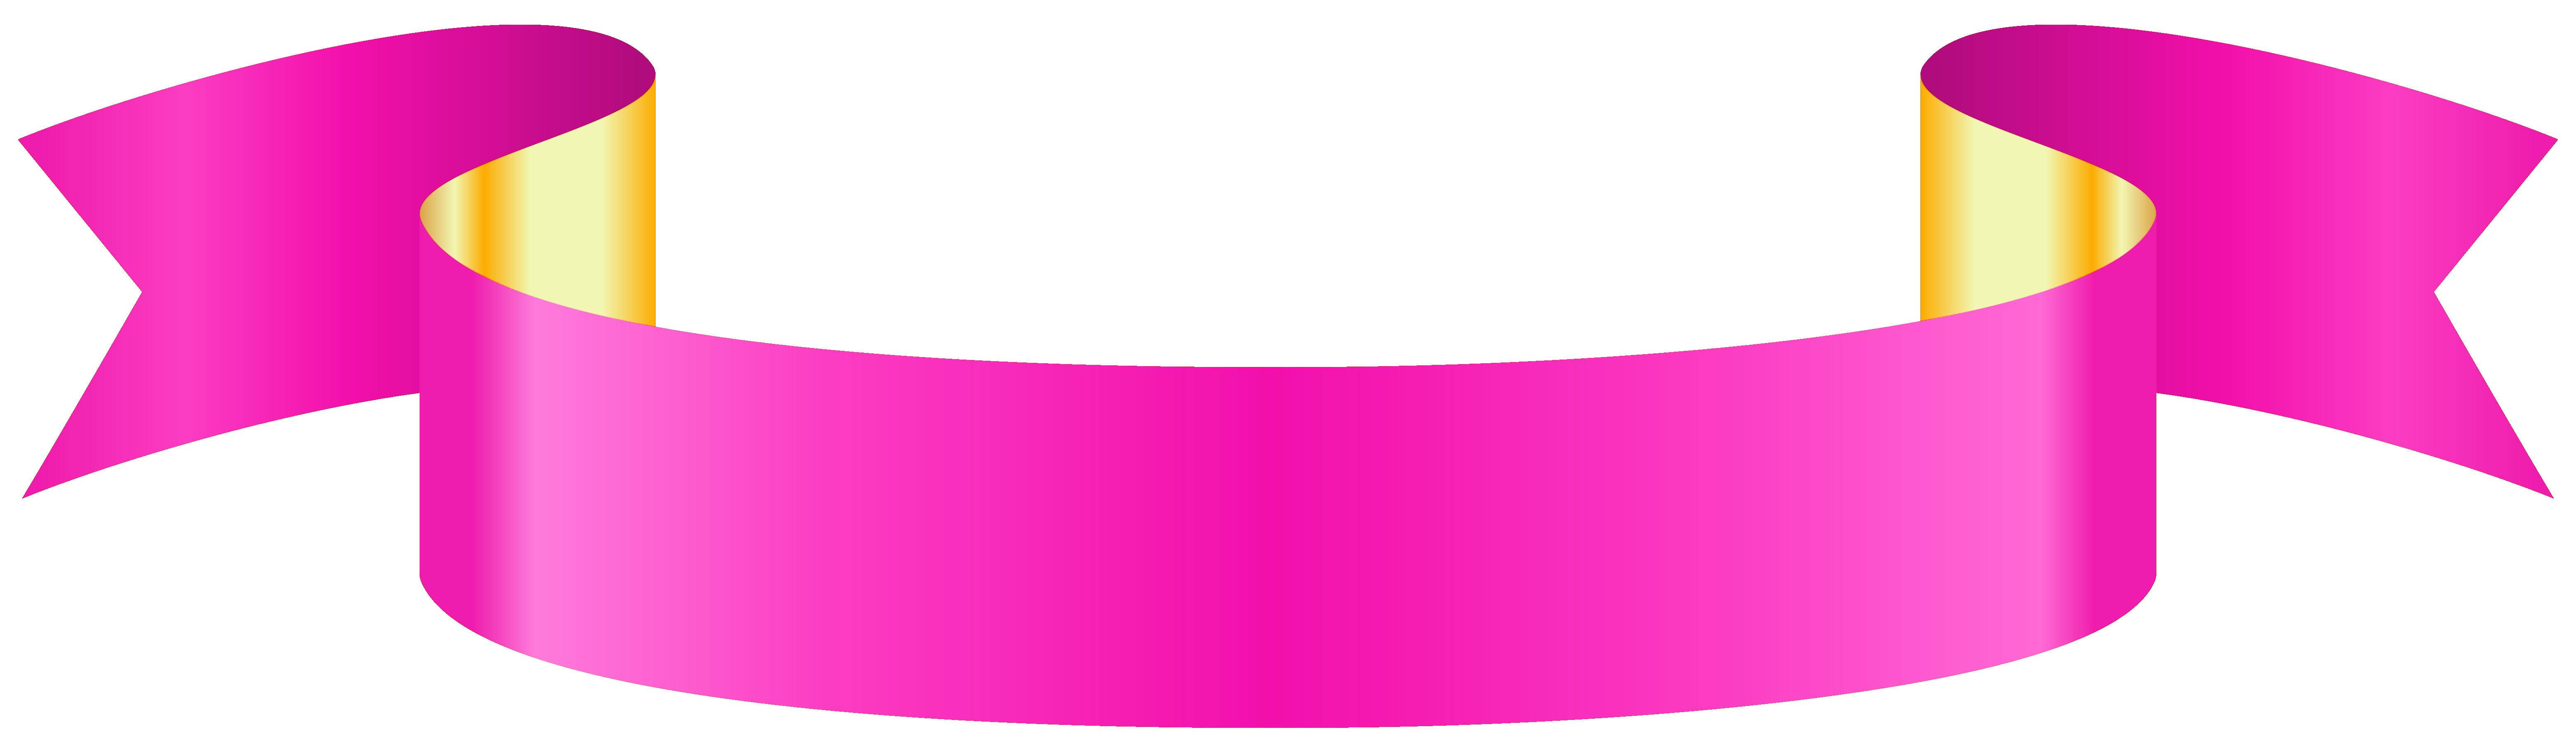 Pink Banner Transparent PNG Clip Art Image.